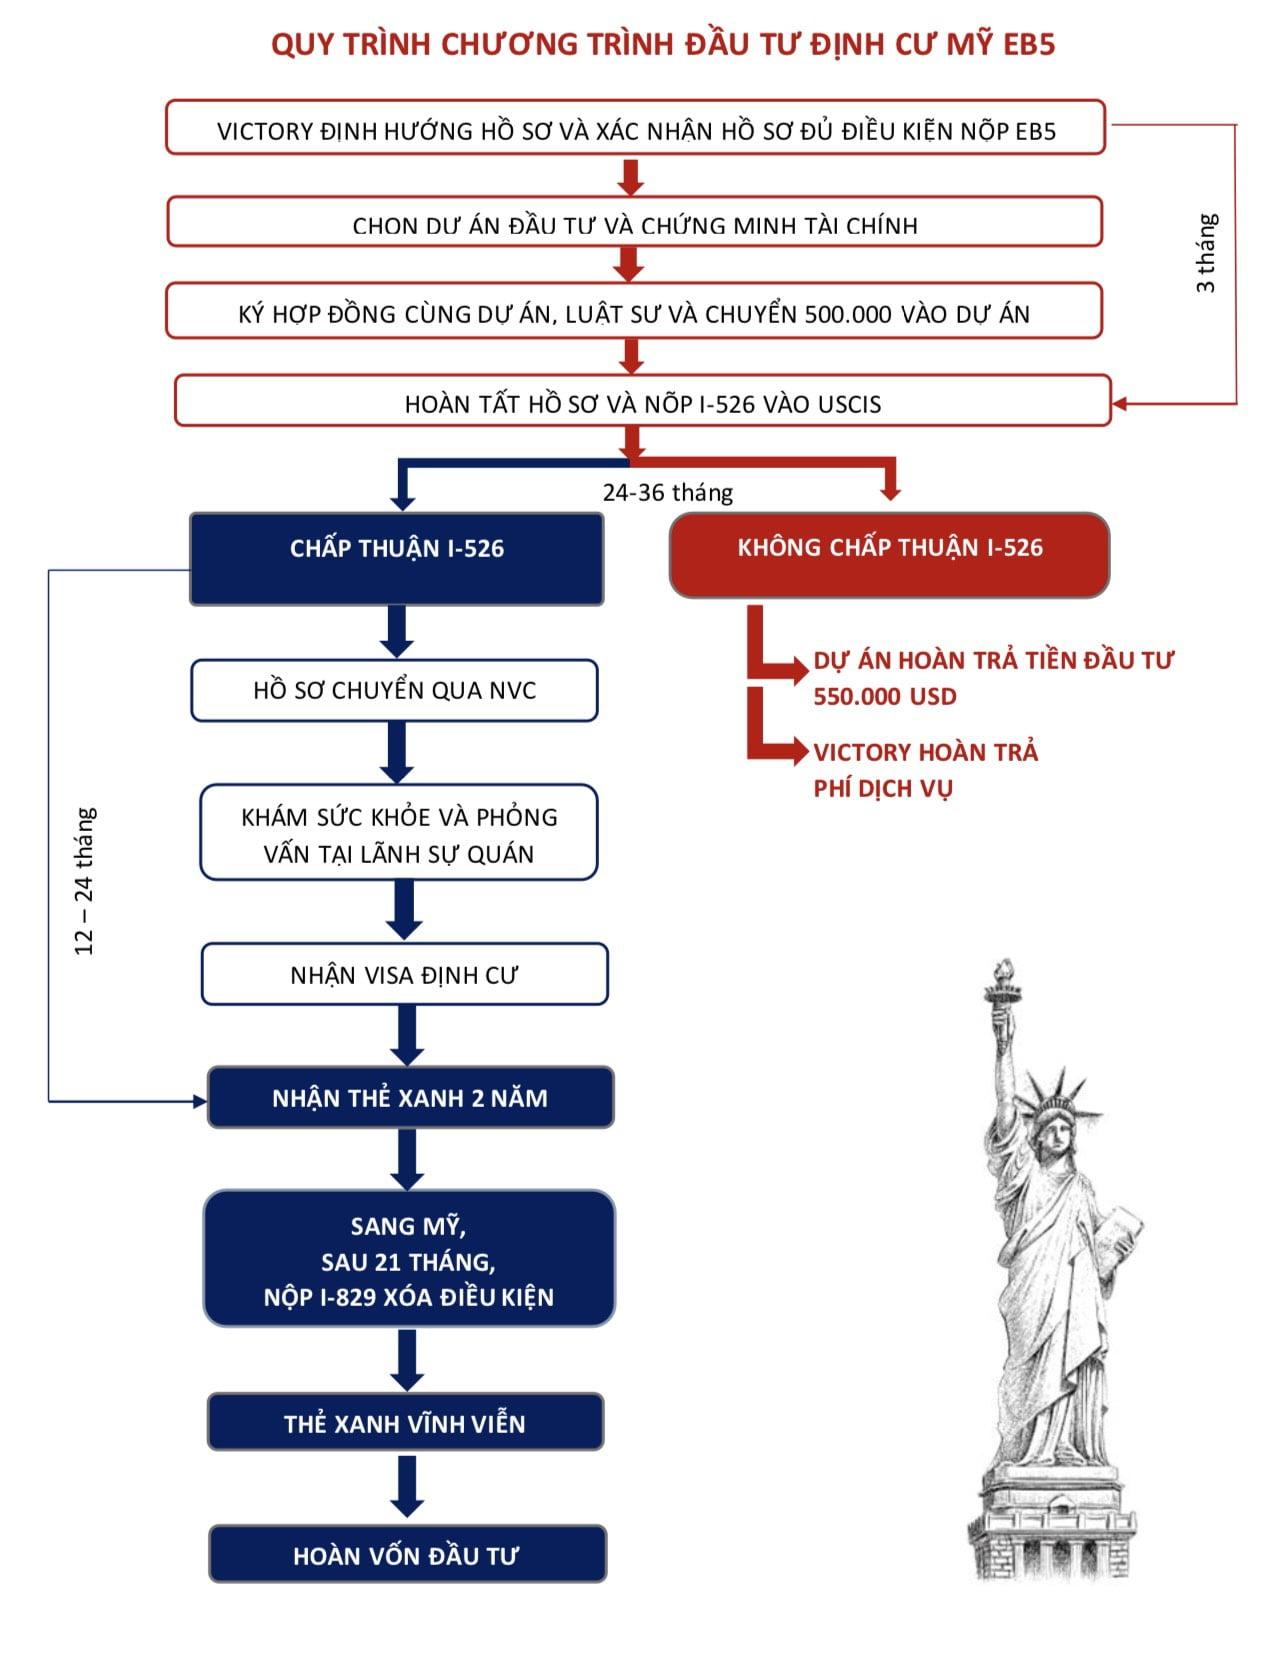 Quy trình đầu tư eb5 định cư Mỹ